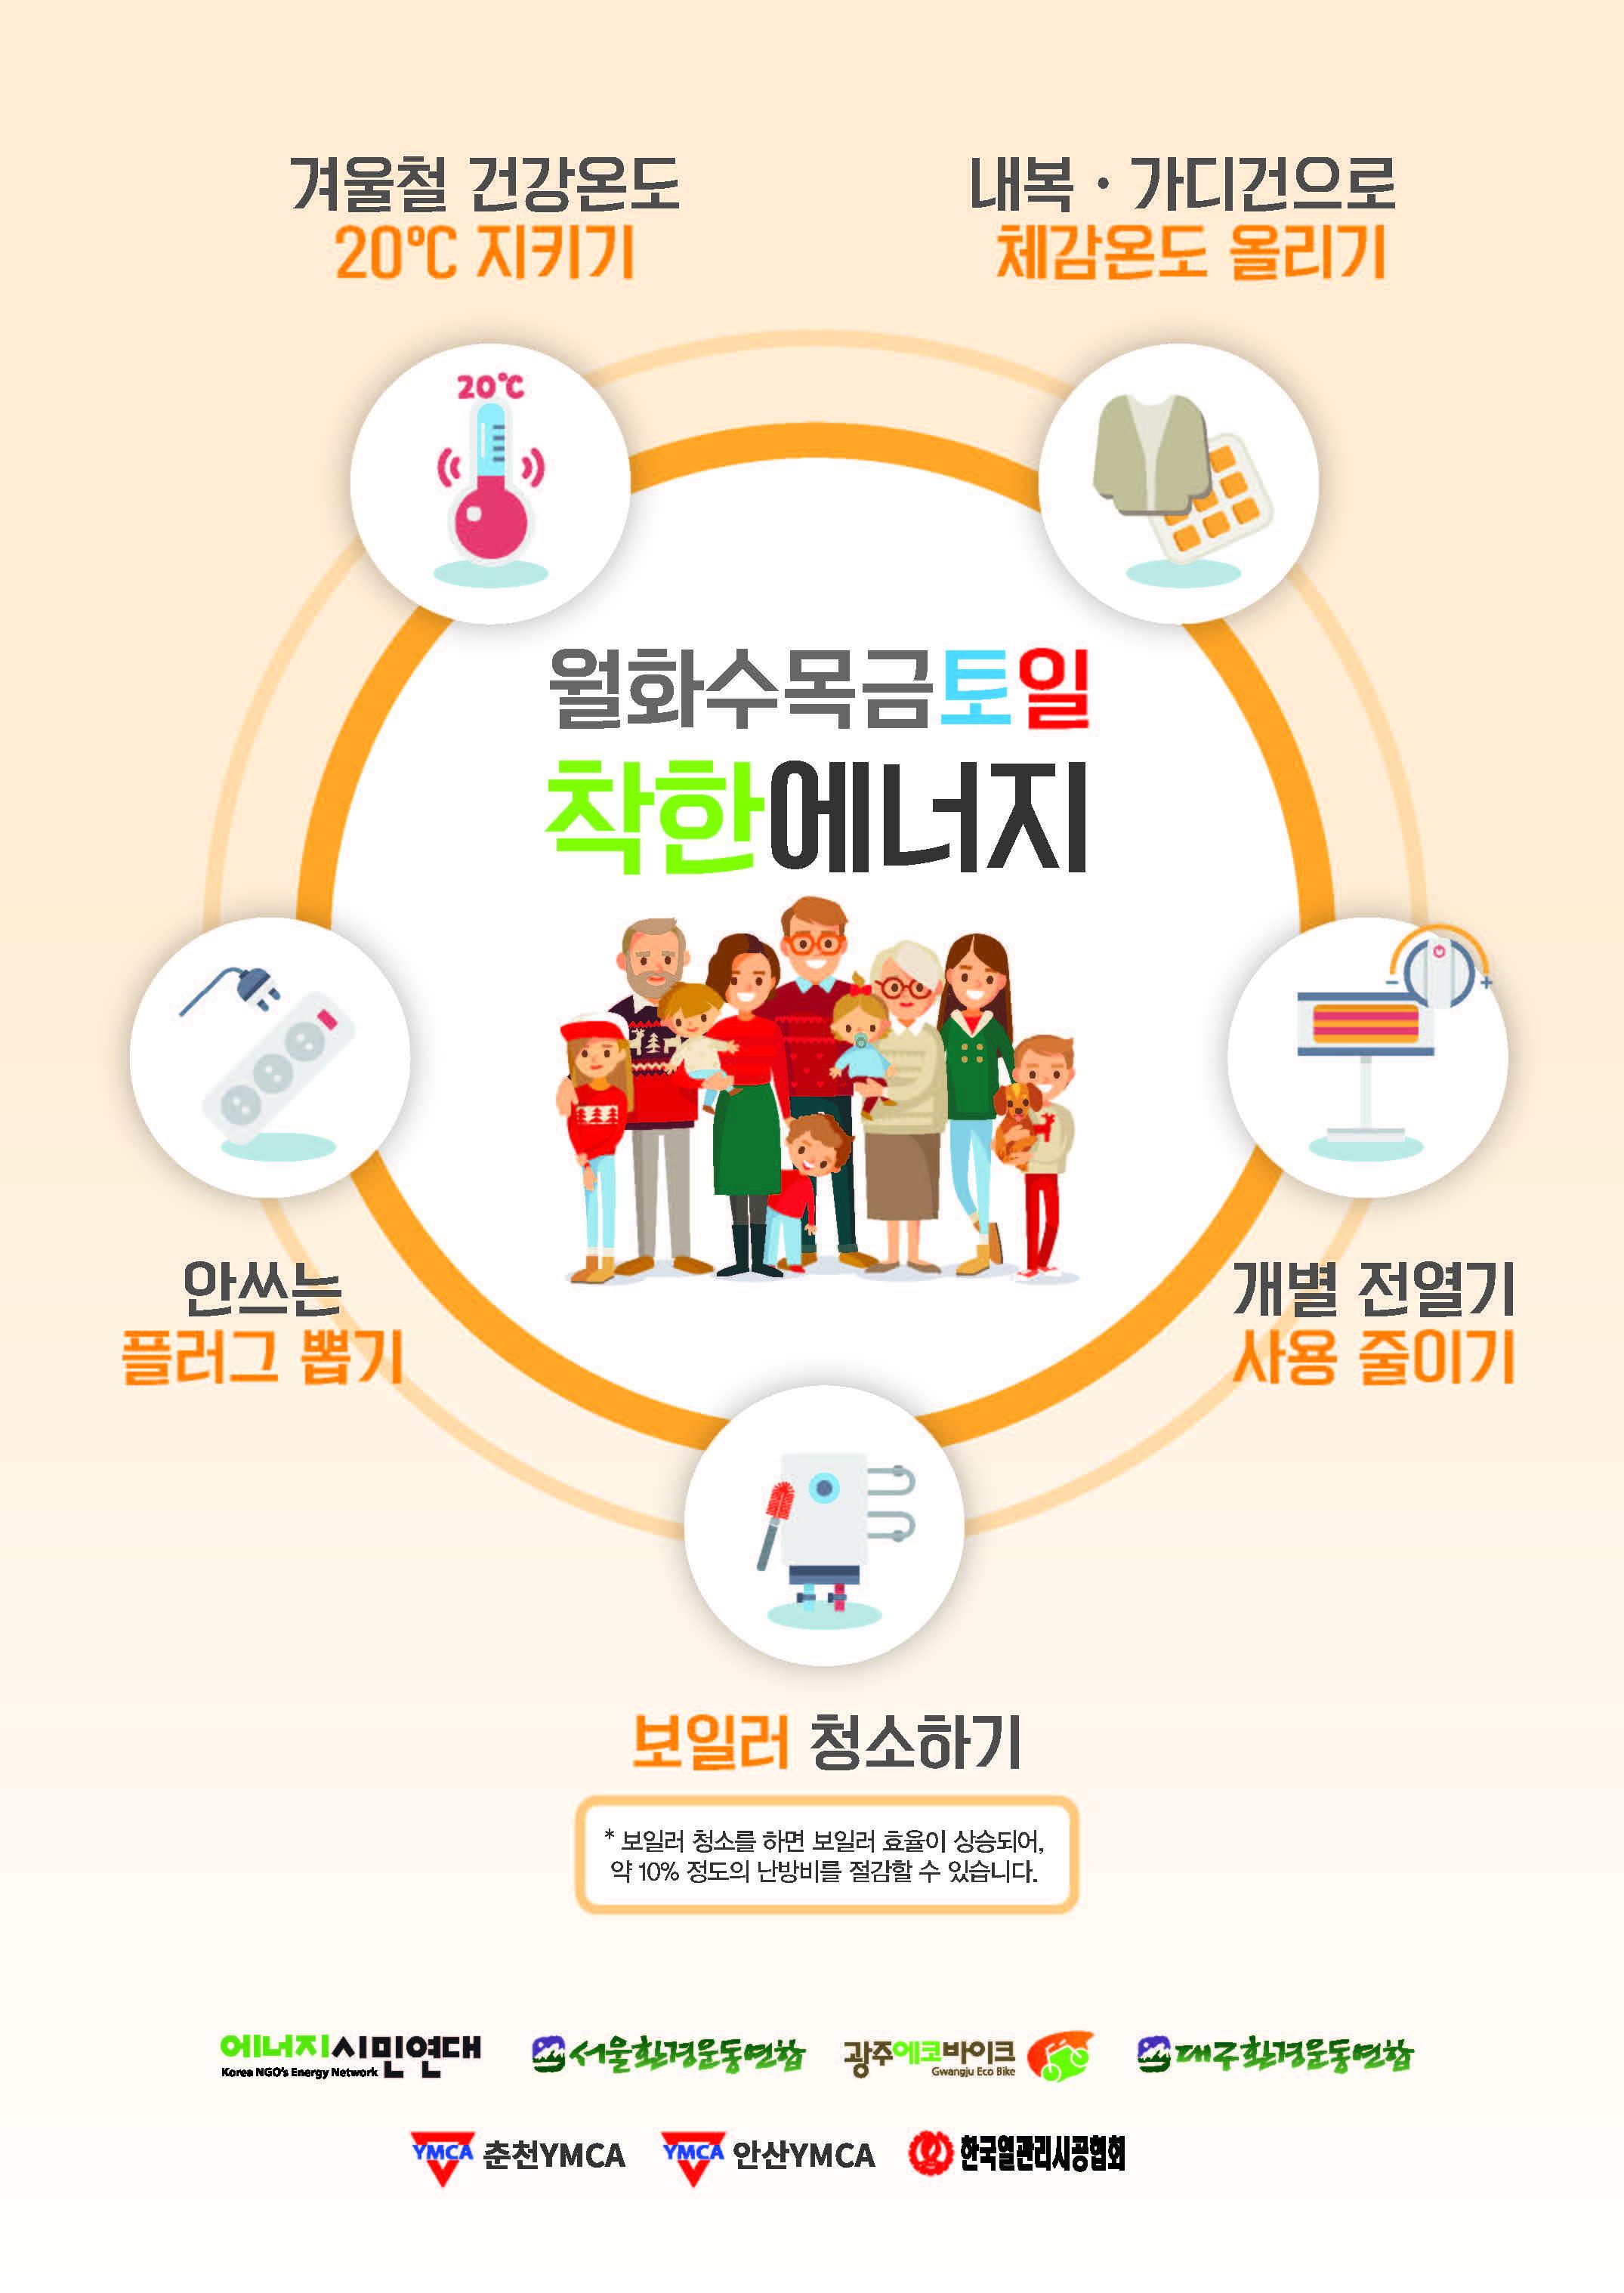 [에너지시민연대] 월화수목금토일 착한에너지_리플렛.jpg